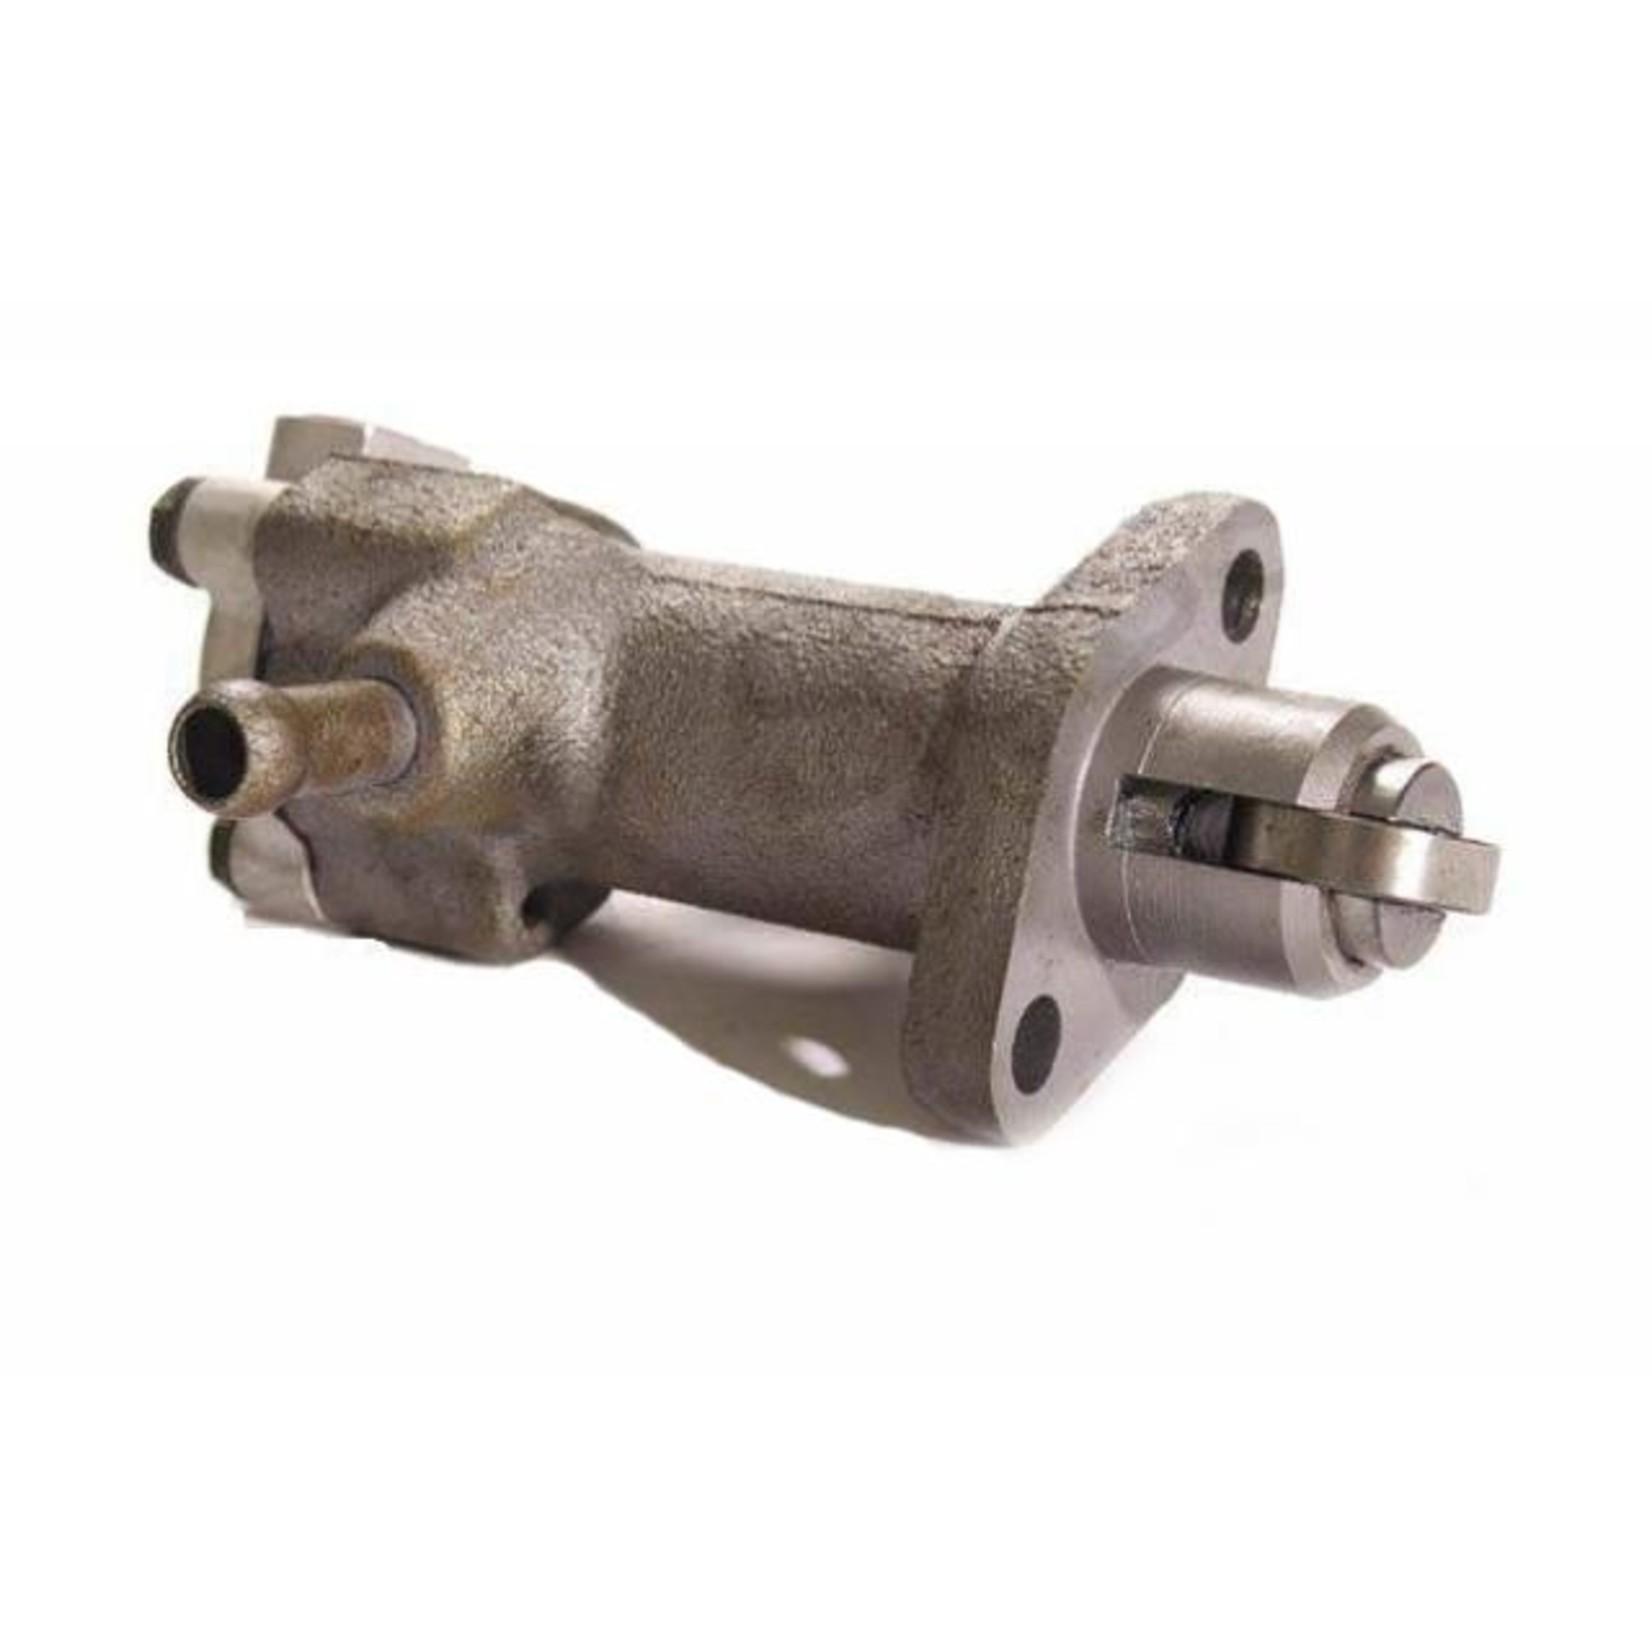 Bomba presión alta 1 piston reaconditionado LHS Nr Org: DM39101C